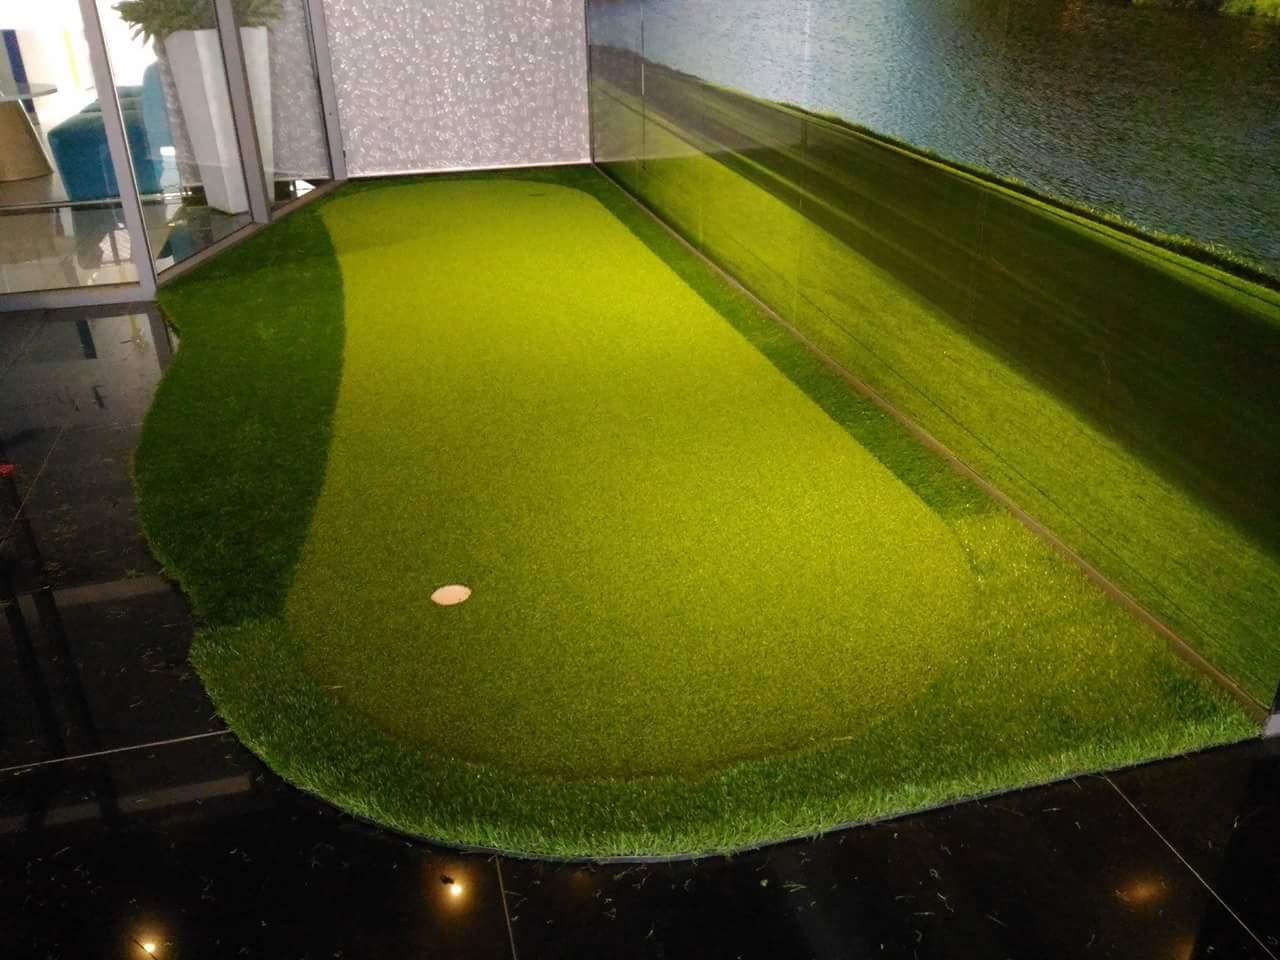 Cỏ sân golf nhân tạo, thi công sân golf mini tập đánh trong nhà, cỏ sân golf tại tp hcm